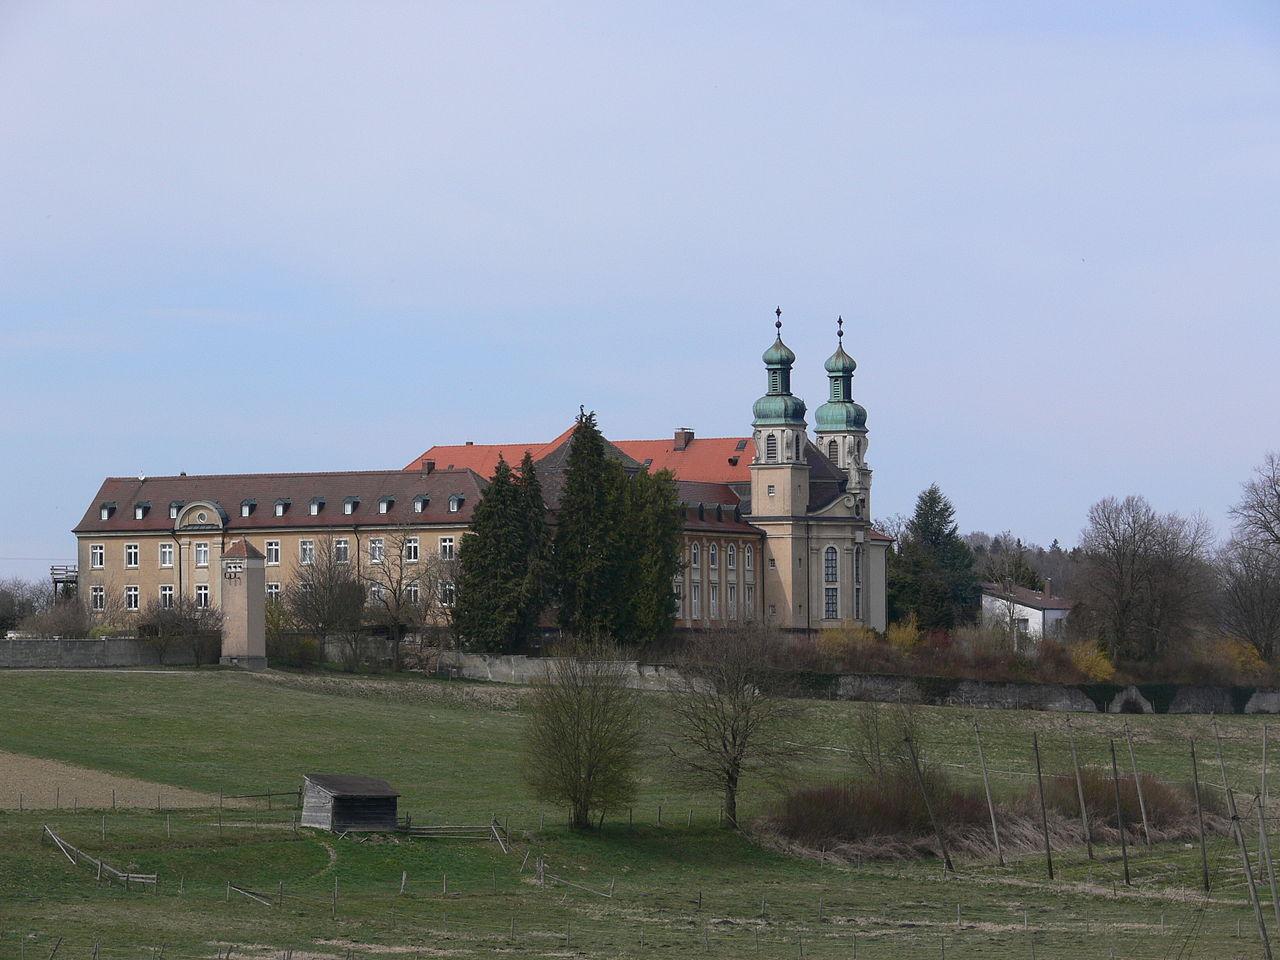 Bild Benediktinerinnenabtei St. Erentraud Kellenried